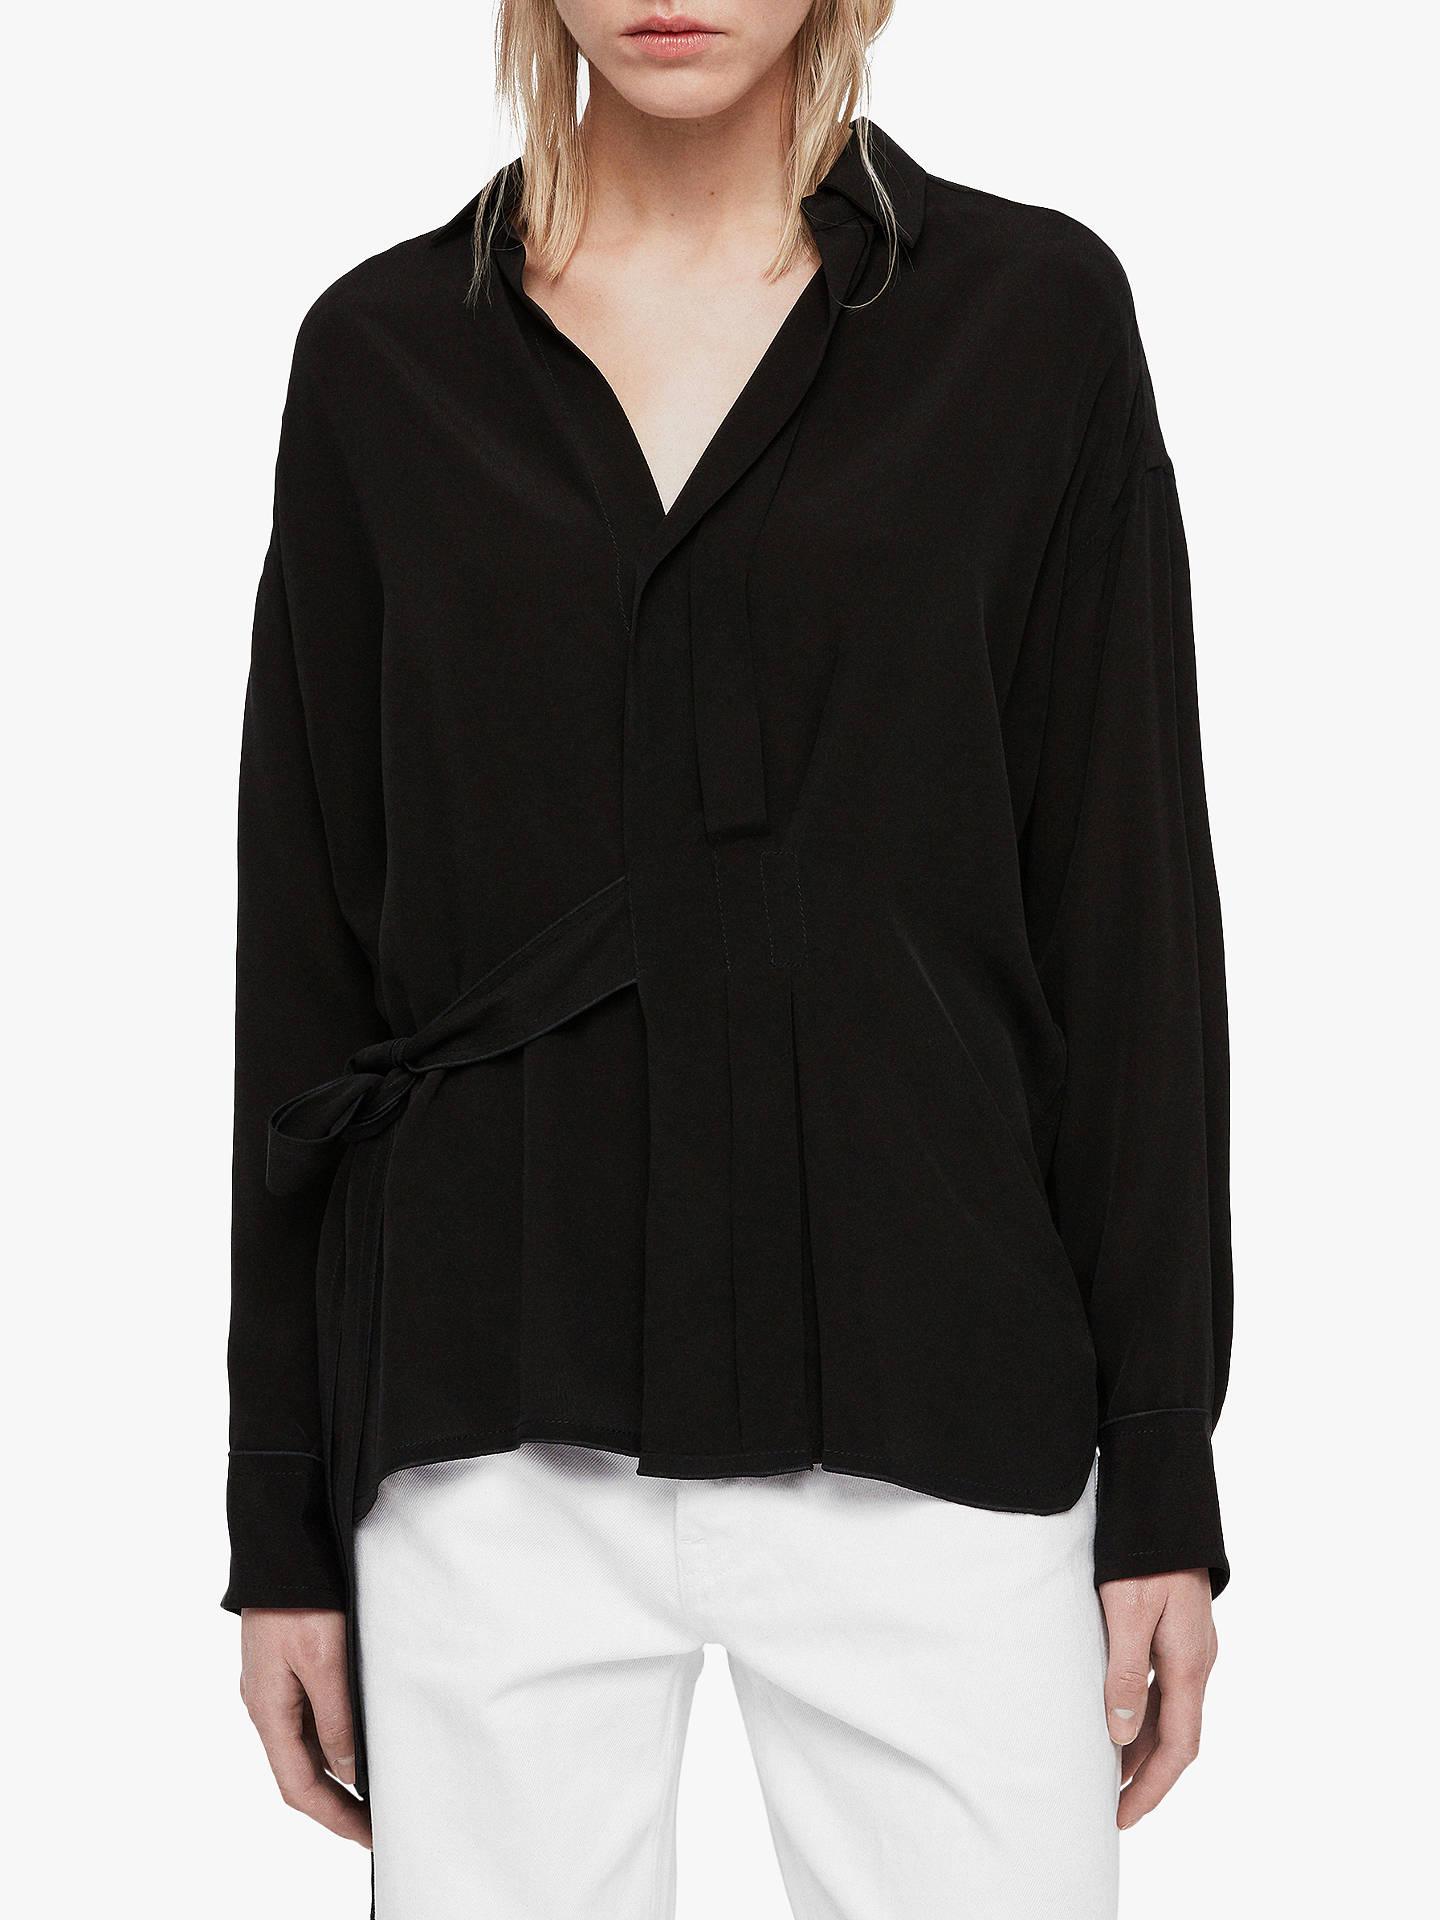 official photos caa36 46902 AllSaints Josi Shirt, Black at John Lewis & Partners